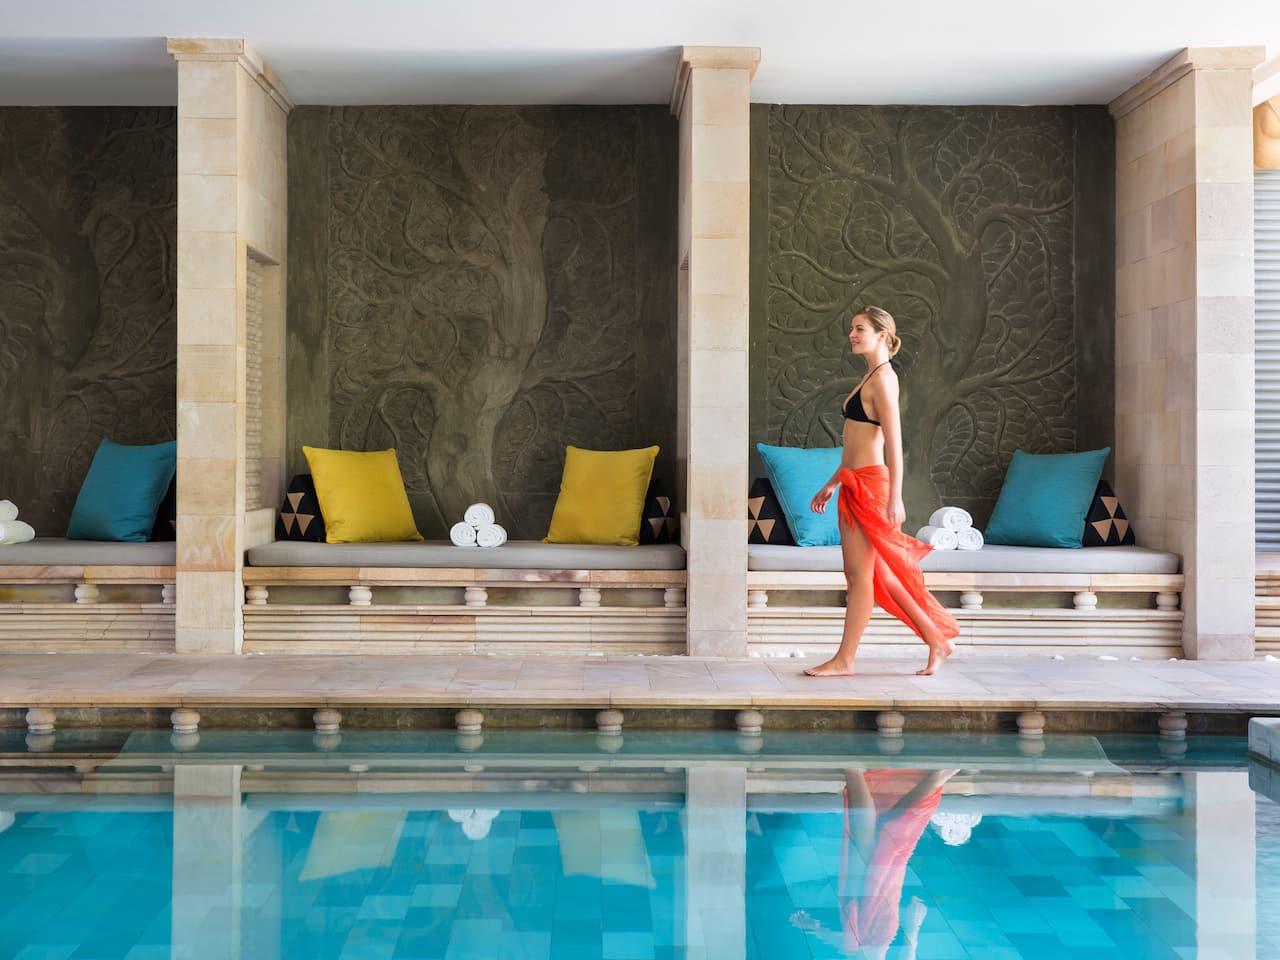 Free Form Swimming Pool at Park Hyatt Hyatt Siem Reap